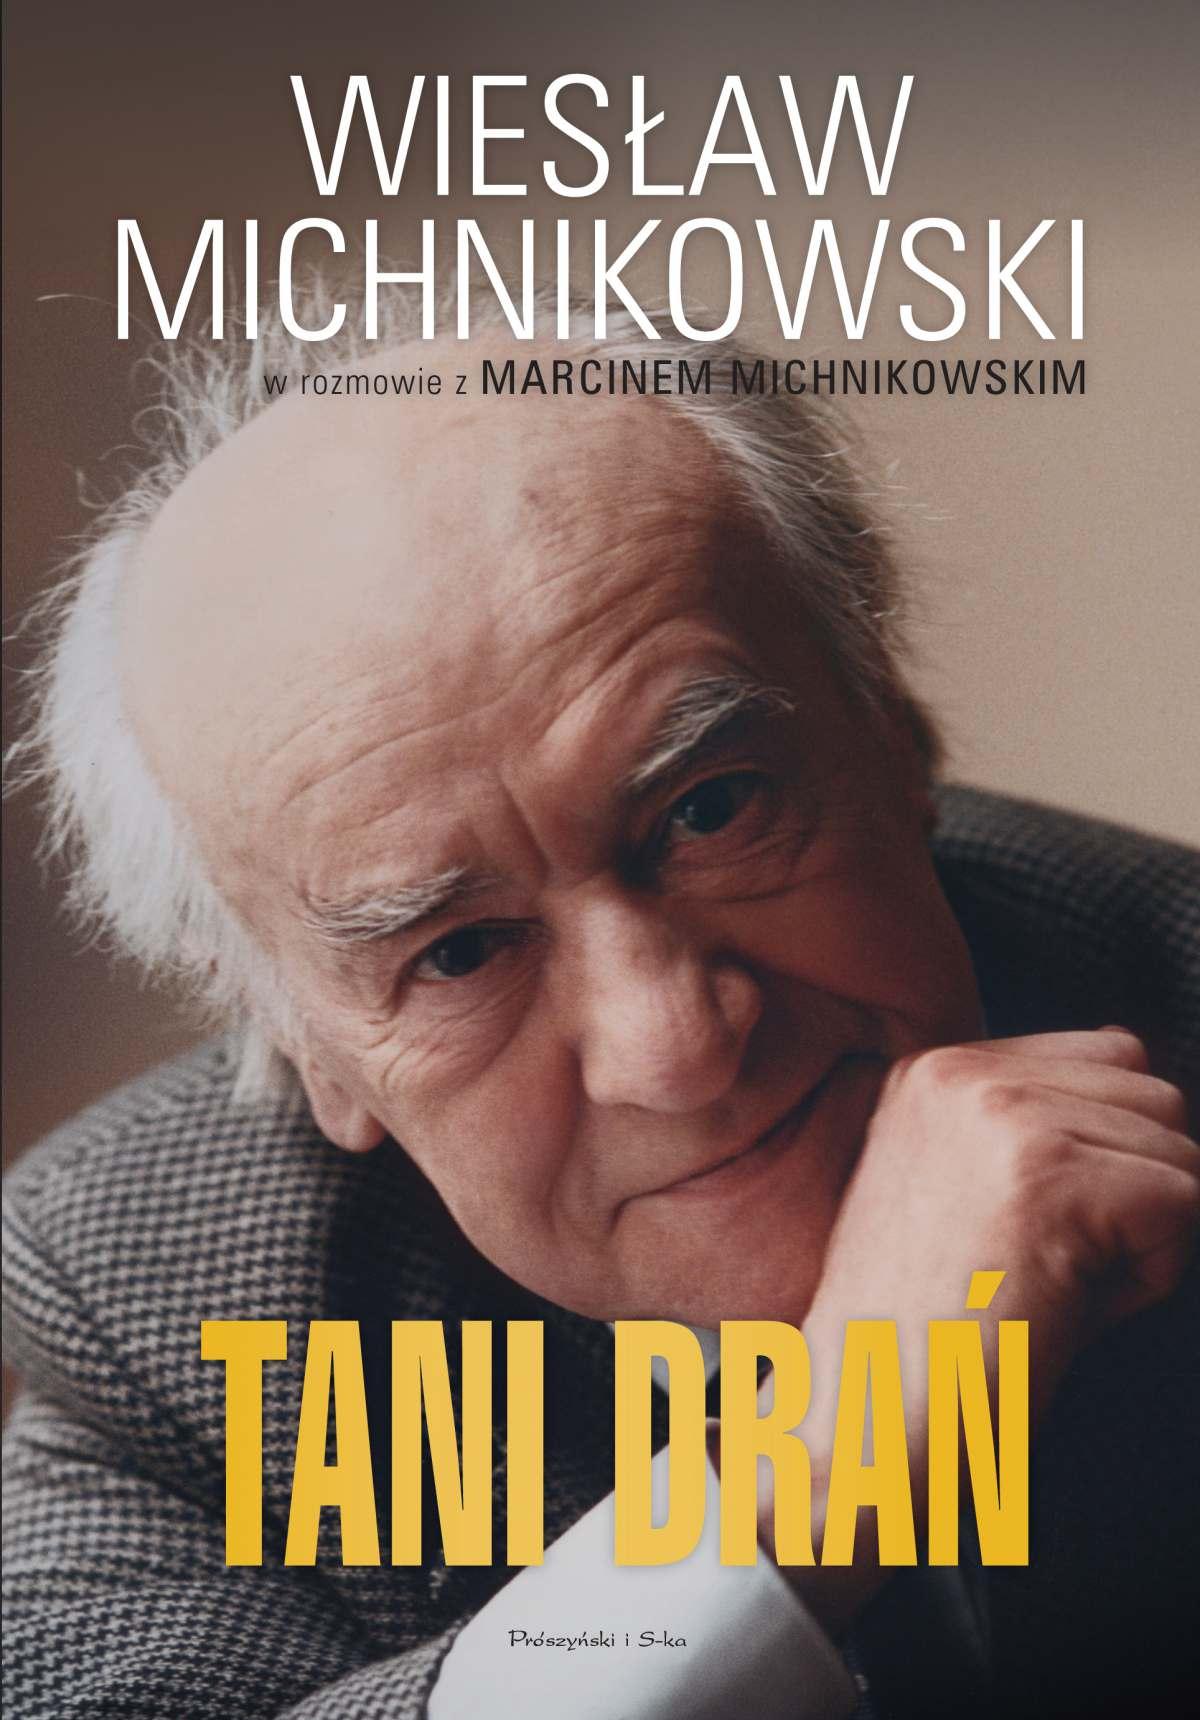 Tani drań - Ebook (Książka EPUB) do pobrania w formacie EPUB